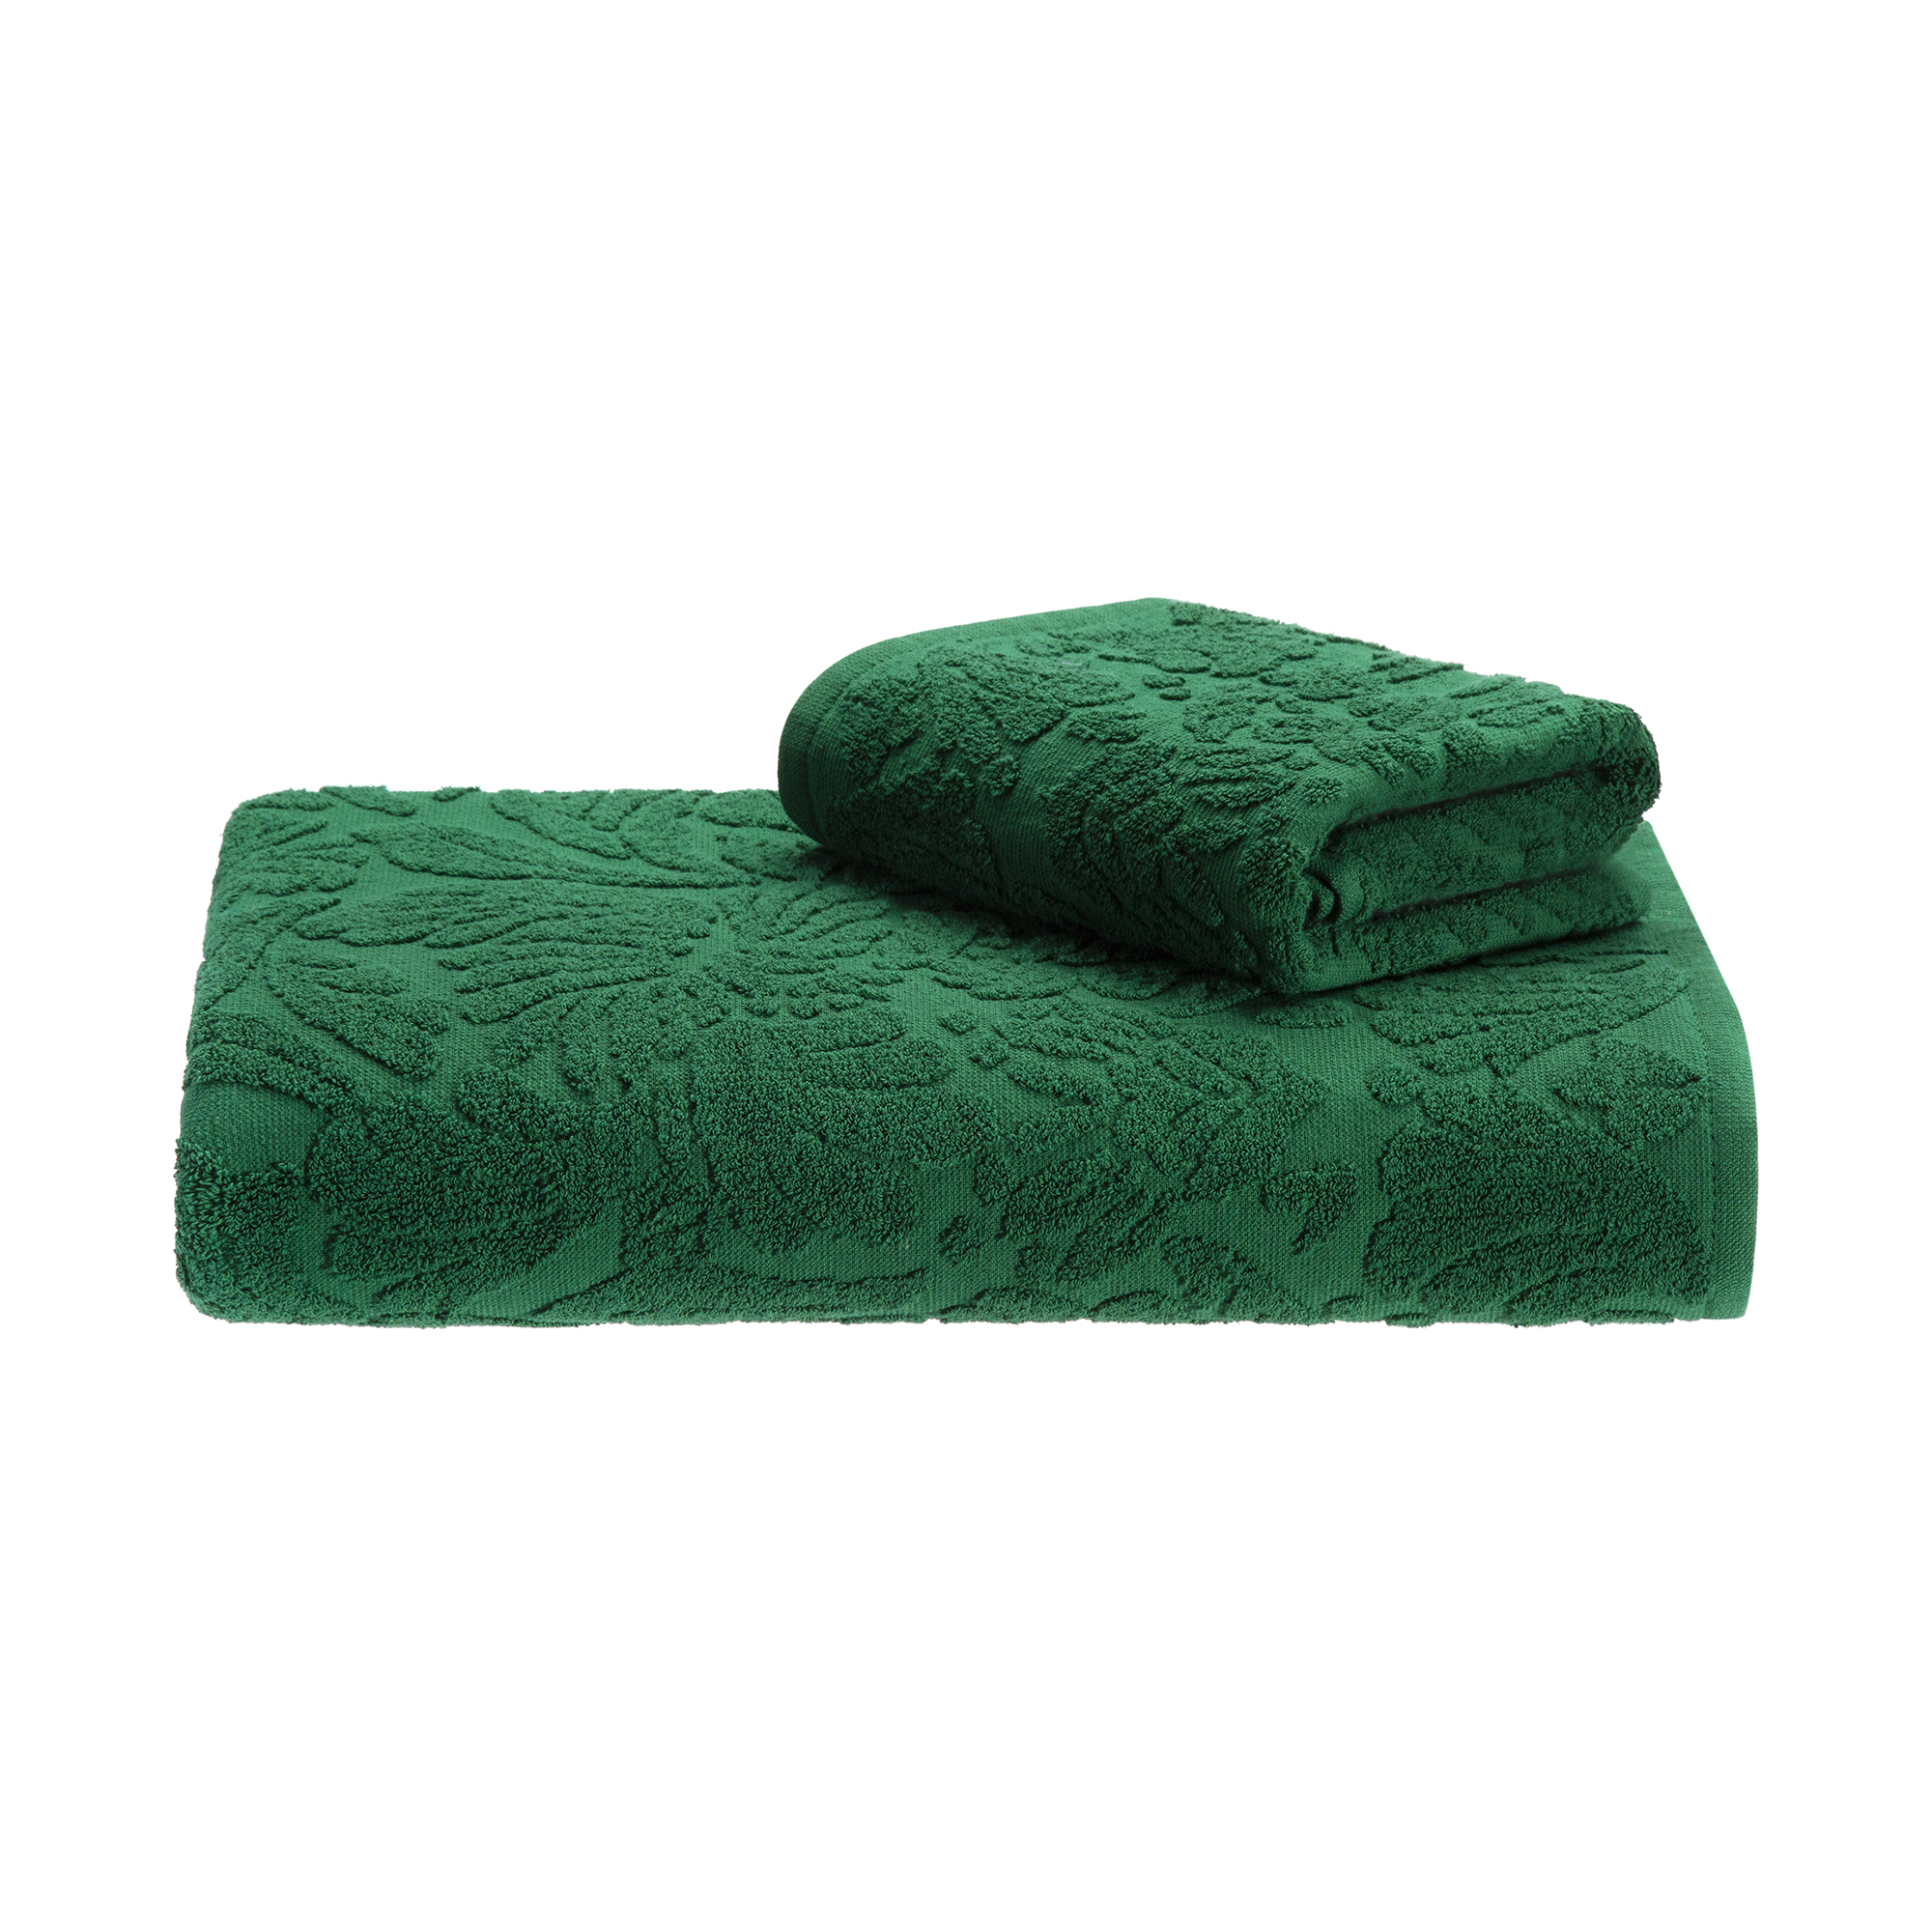 Jogo de toalha de banho e rosto Portman, 2 peças. De R$ 59,99 por R$ 39,99.